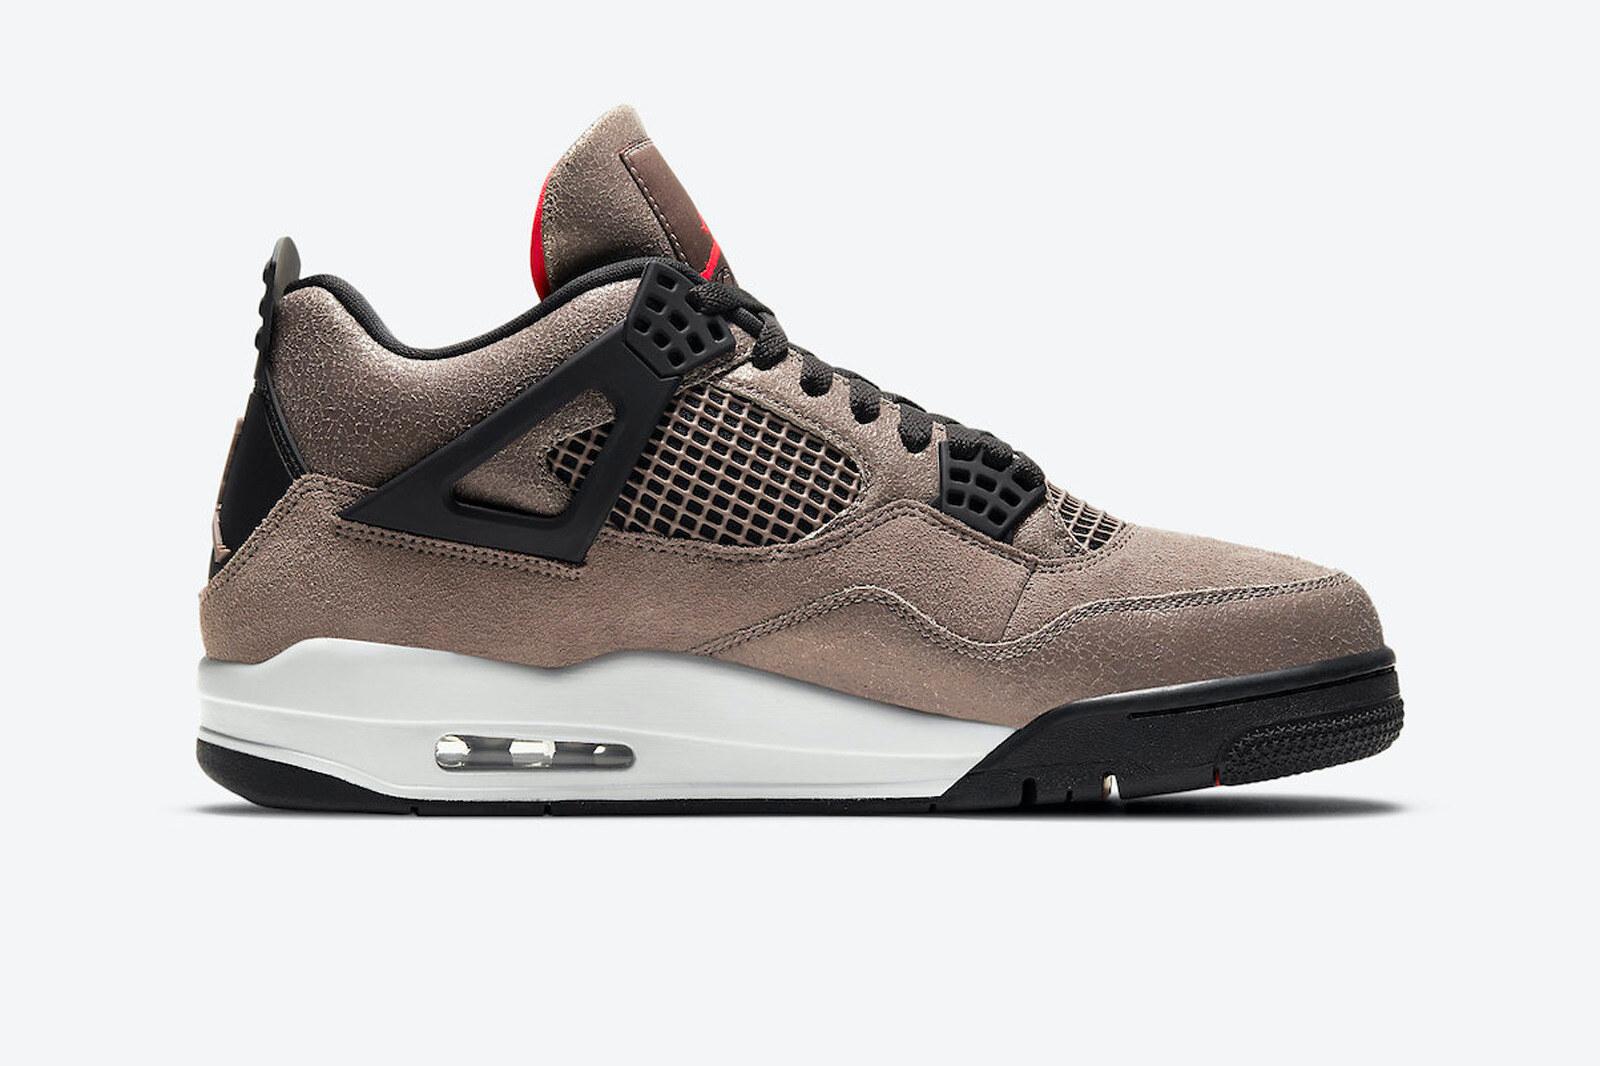 Air Jordan 4 taupe haze